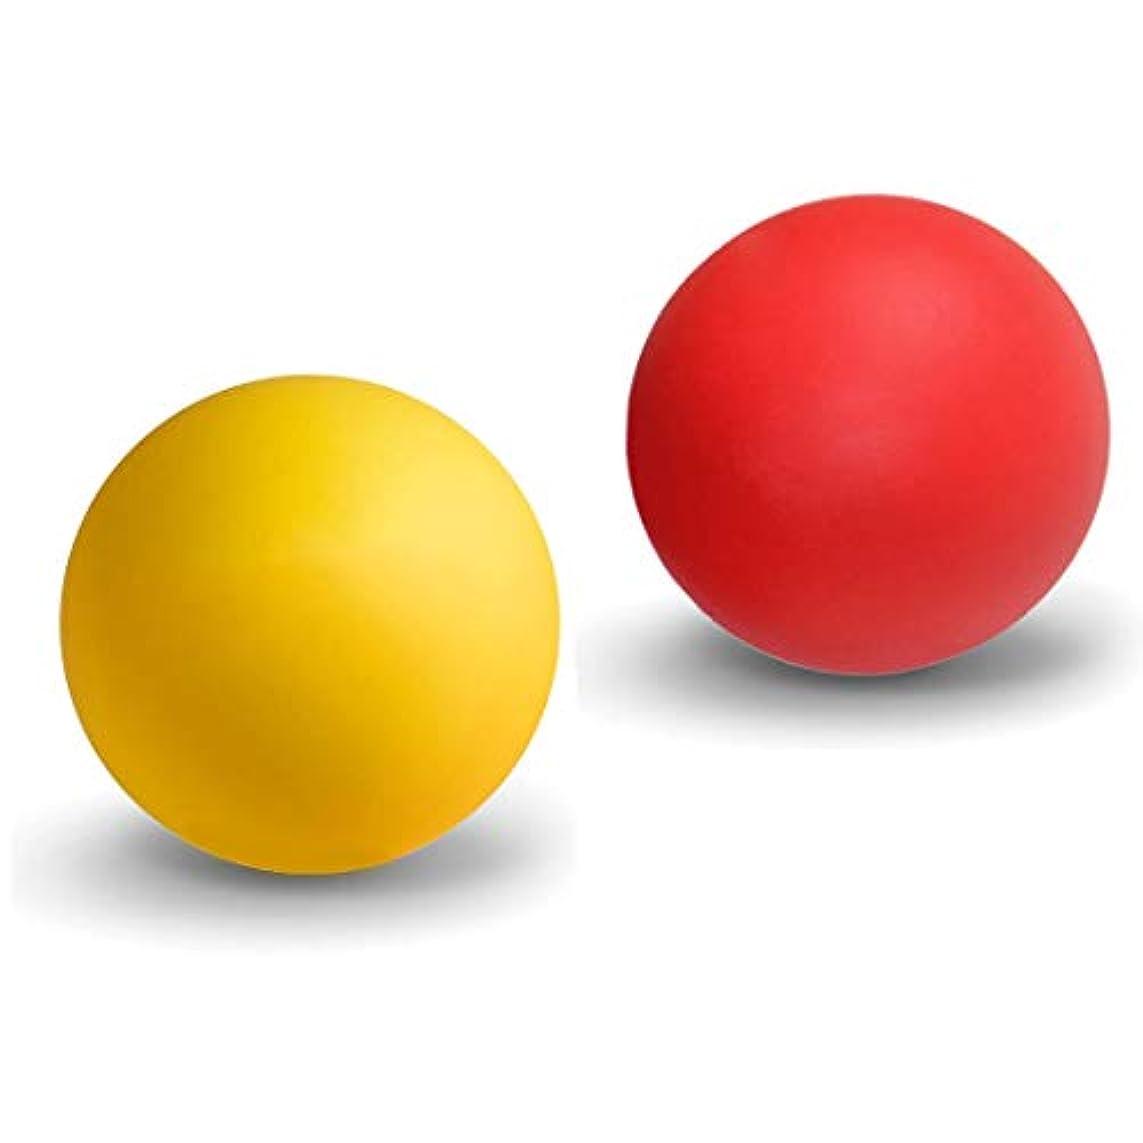 マッサージボール ストレッチボール トリガーポイント ラクロスボール 筋膜リリース トレーニング 指圧ボールマッスルマッサージボール 背中 肩こり 腰 ふくらはぎ 足裏 ツボ押しグッズ 2で1組み合わせ 2個 セット